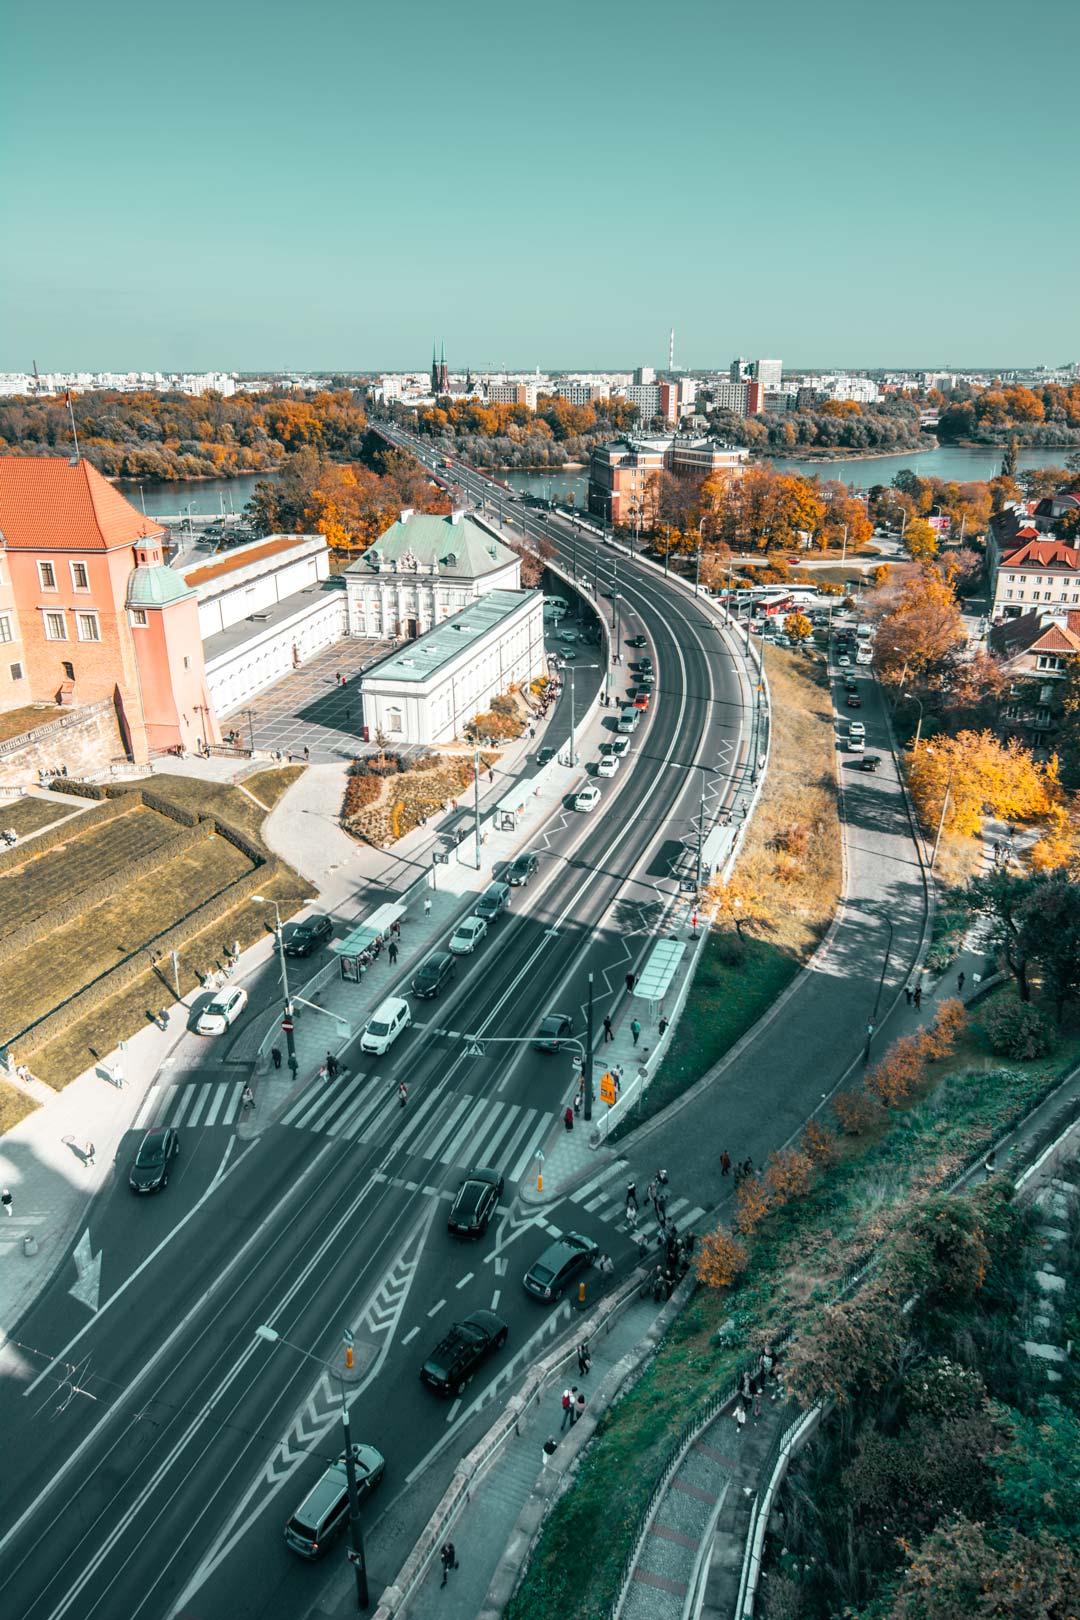 Θέα-από-ψηλά-Βαρσοβία-Travelshare.gr-Πάνω-από-τον-Βίστουλα